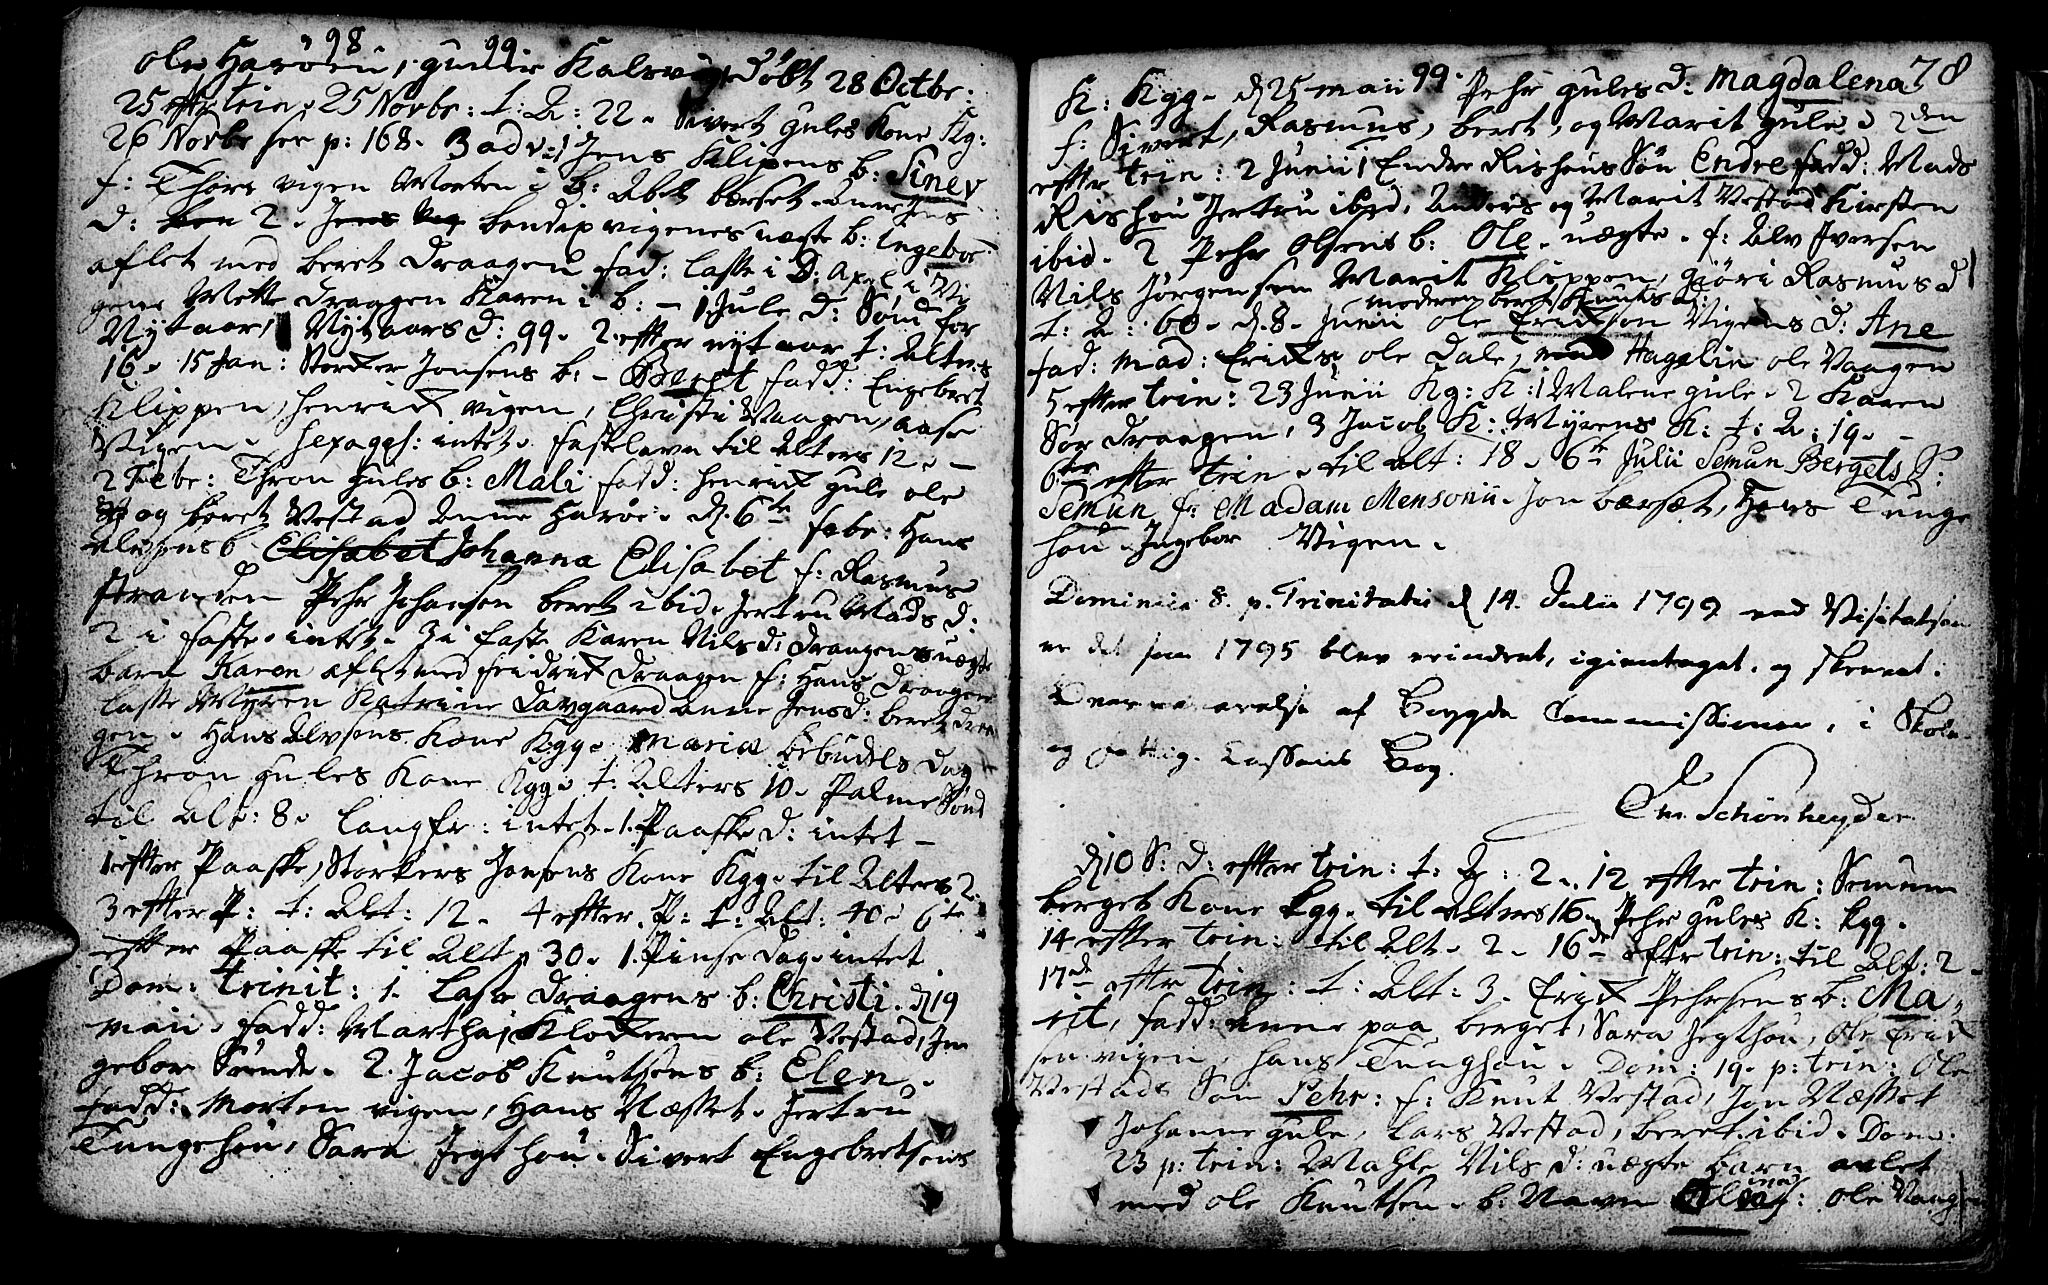 SAT, Ministerialprotokoller, klokkerbøker og fødselsregistre - Møre og Romsdal, 566/L0761: Ministerialbok nr. 566A02 /1, 1767-1817, s. 78